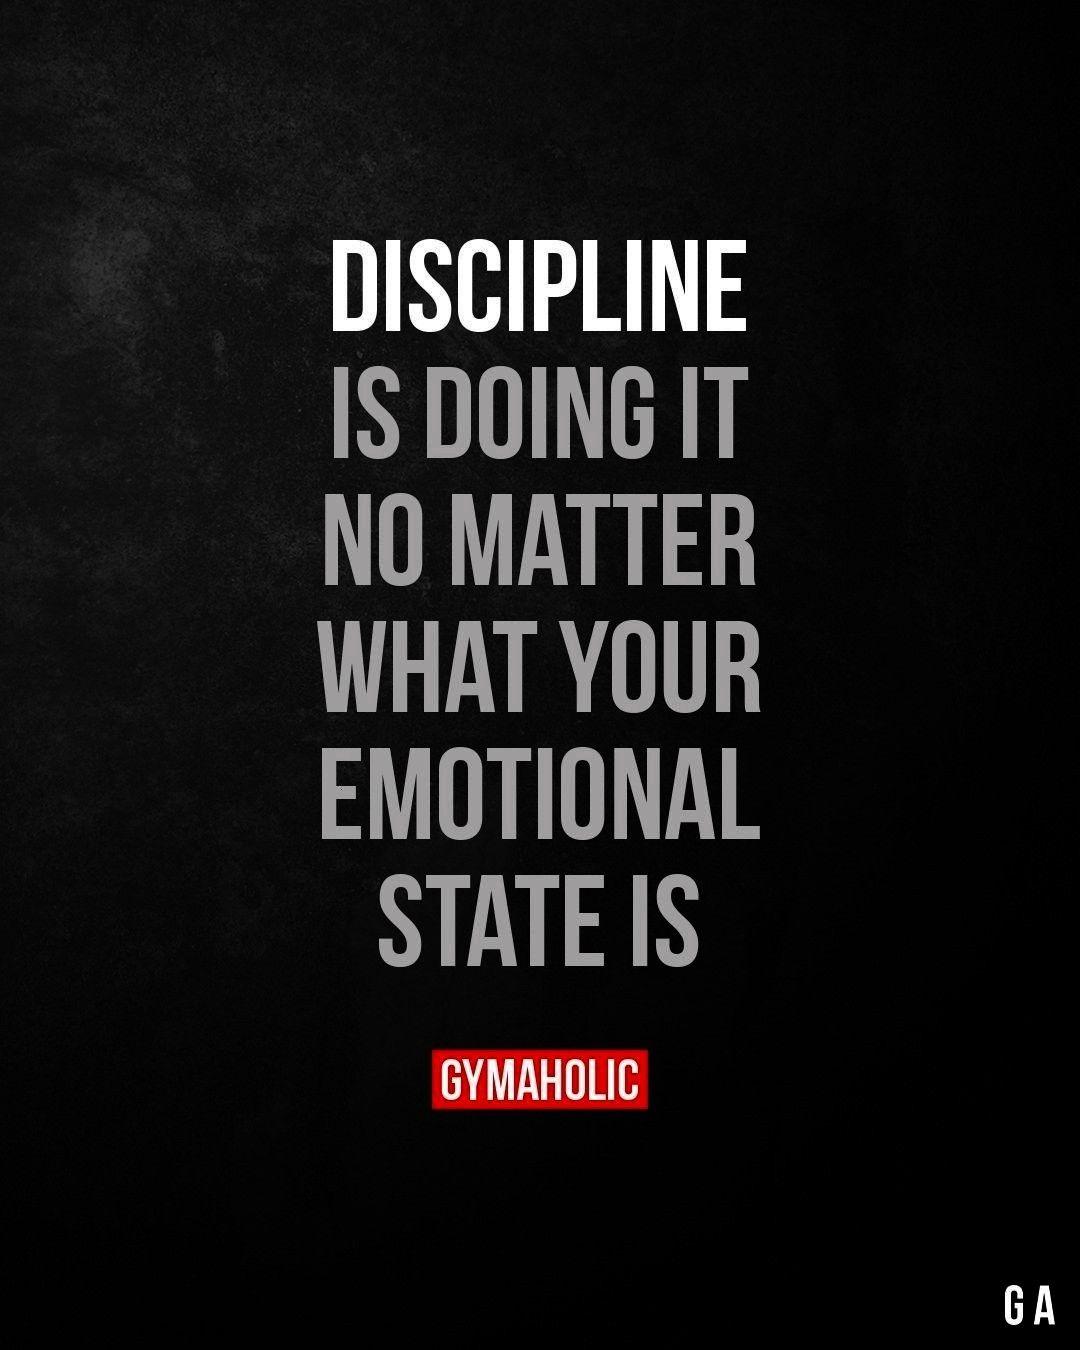 #transformationdiscipline #issprüchequotes #doingdiscipline #transformation #motivational #disciplin...